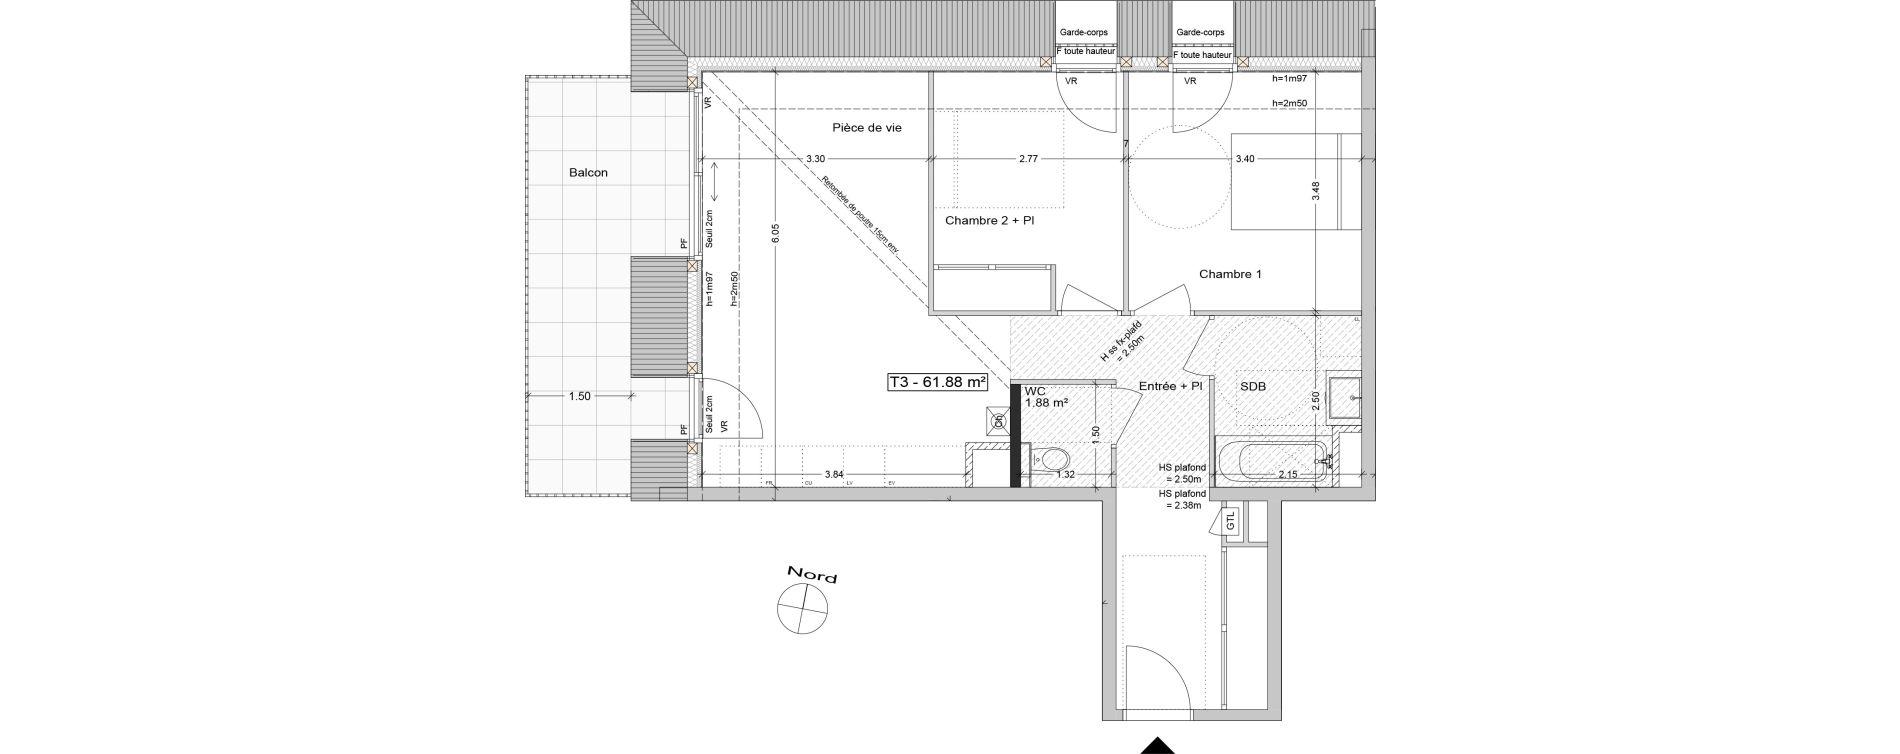 Appartement T3 de 61,88 m2 à Aix-Les-Bains Centre